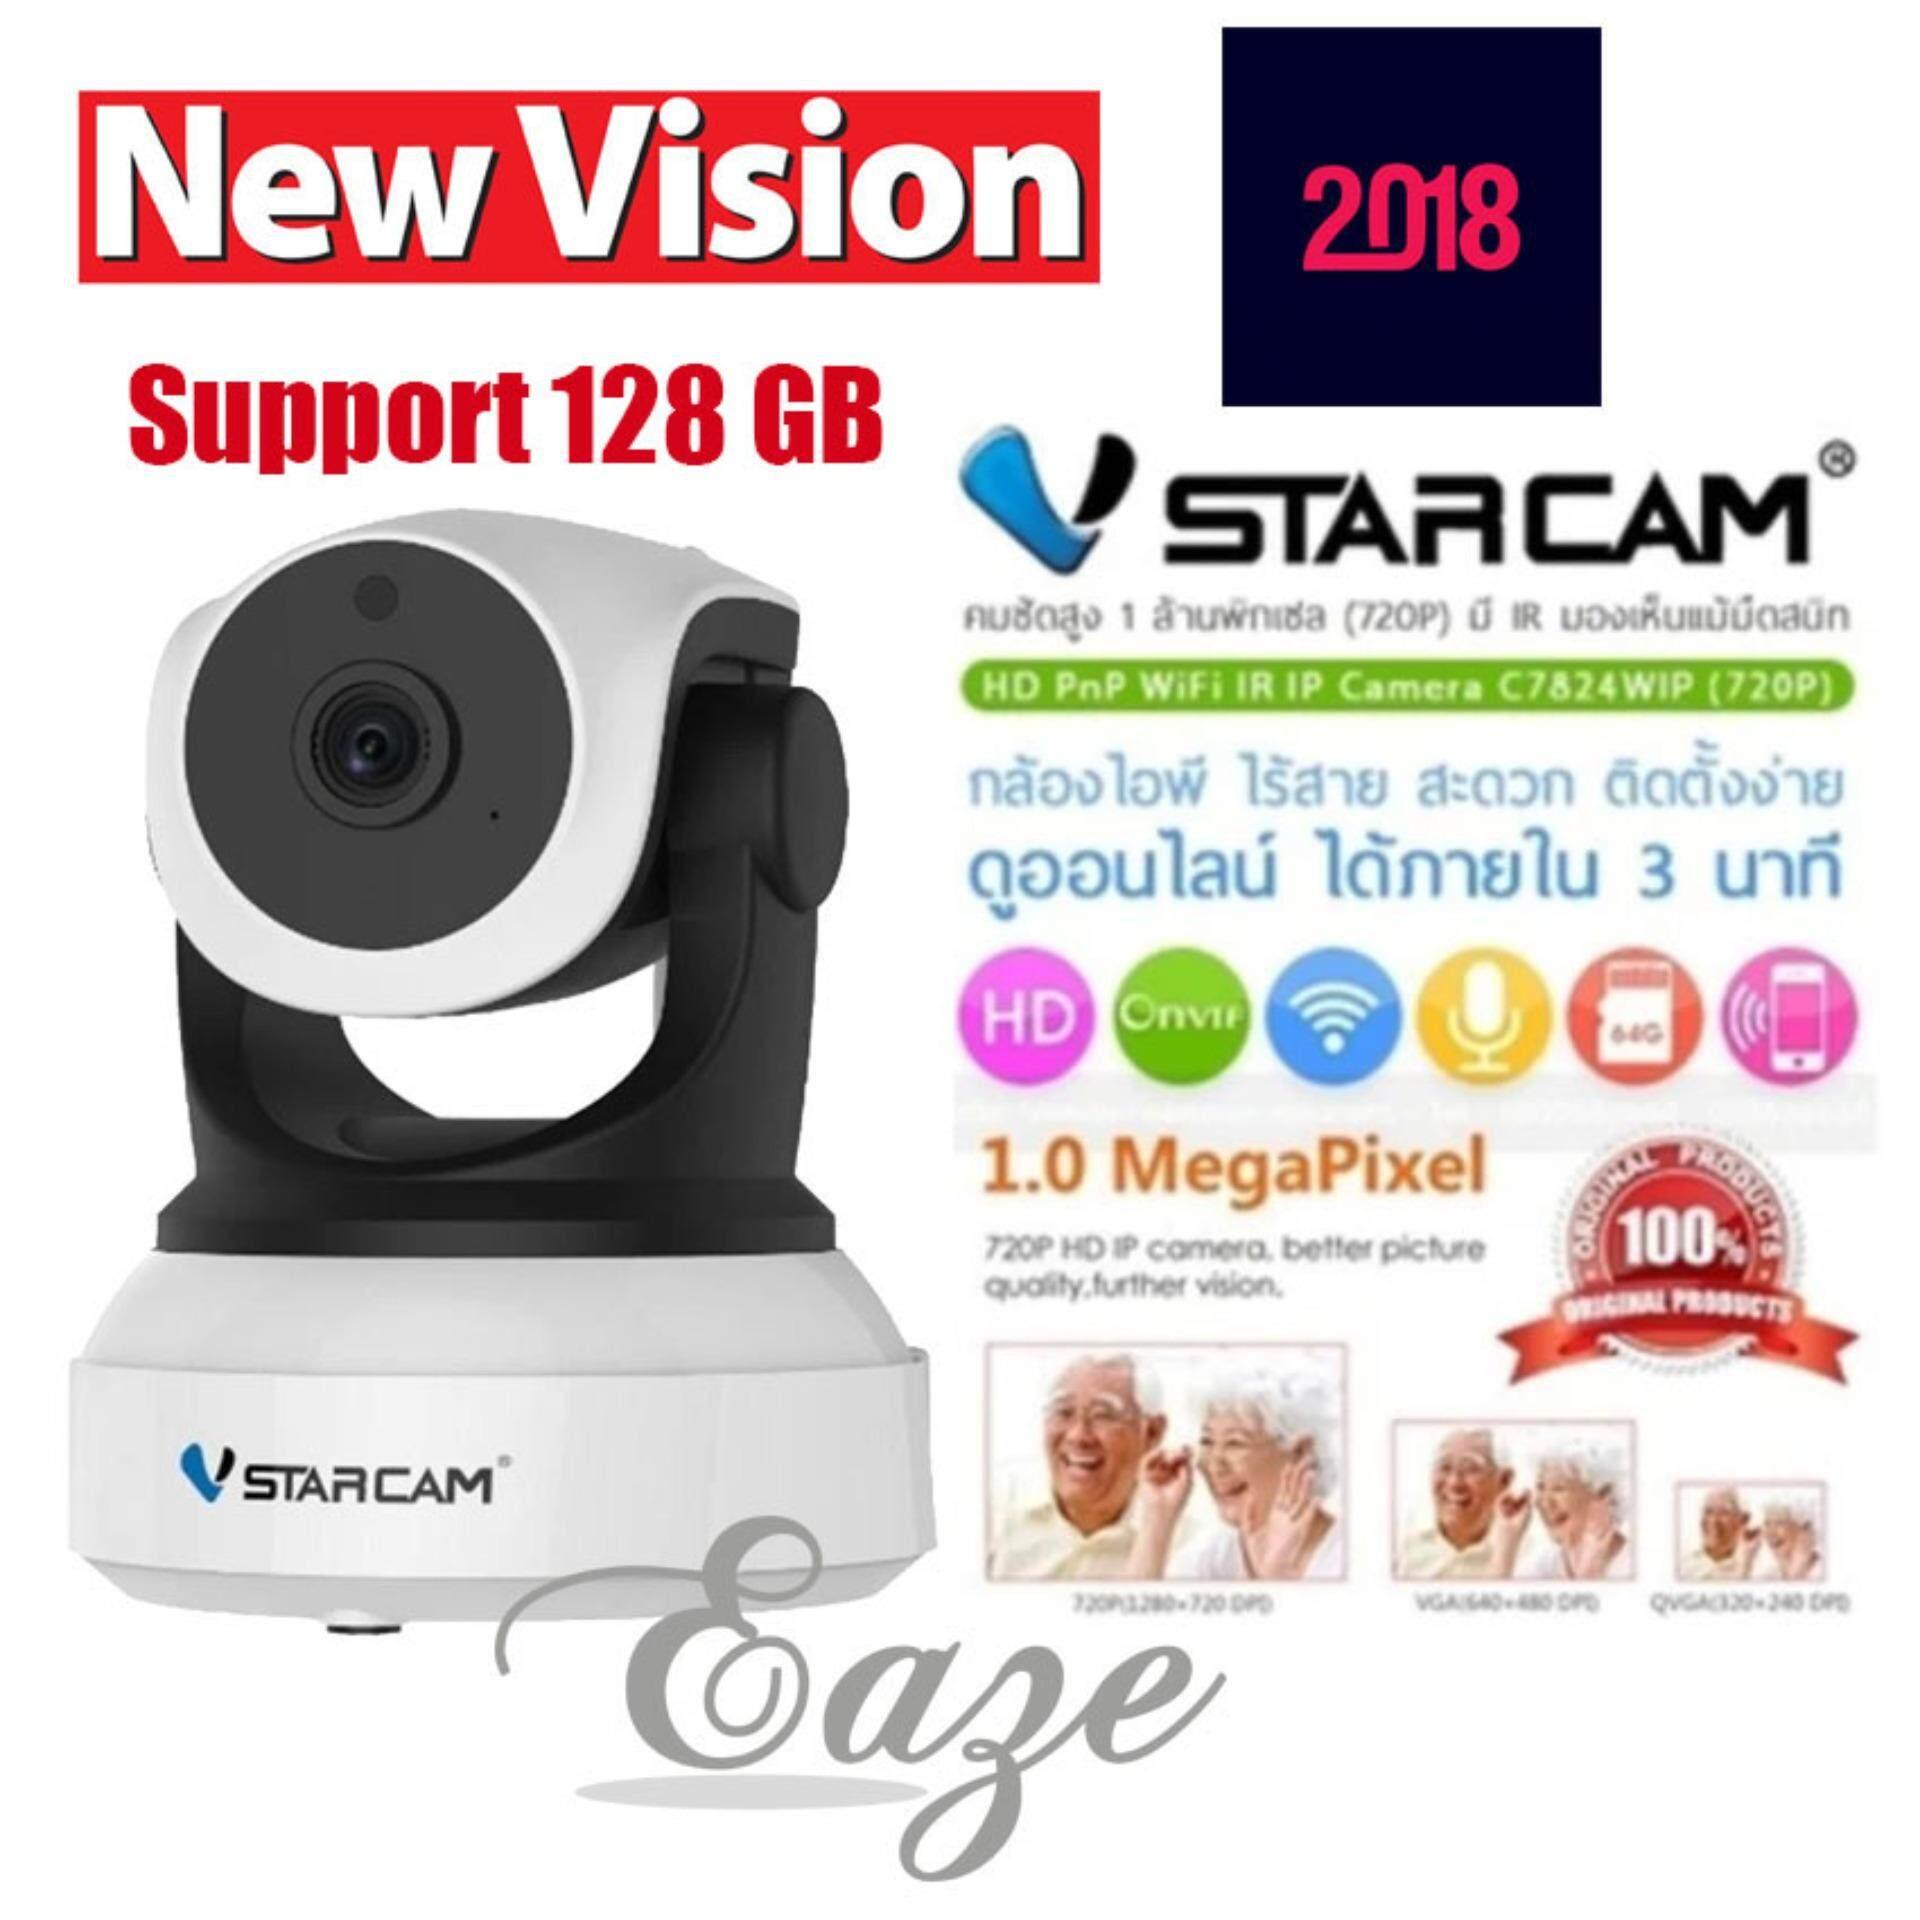 ขาย Eaze กล้องวงจรปิด Ip Camera 1 Mp And Ir Cut รุ่น C7824 Wip Hd Onvif สีขาว ดำ Eaze เป็นต้นฉบับ